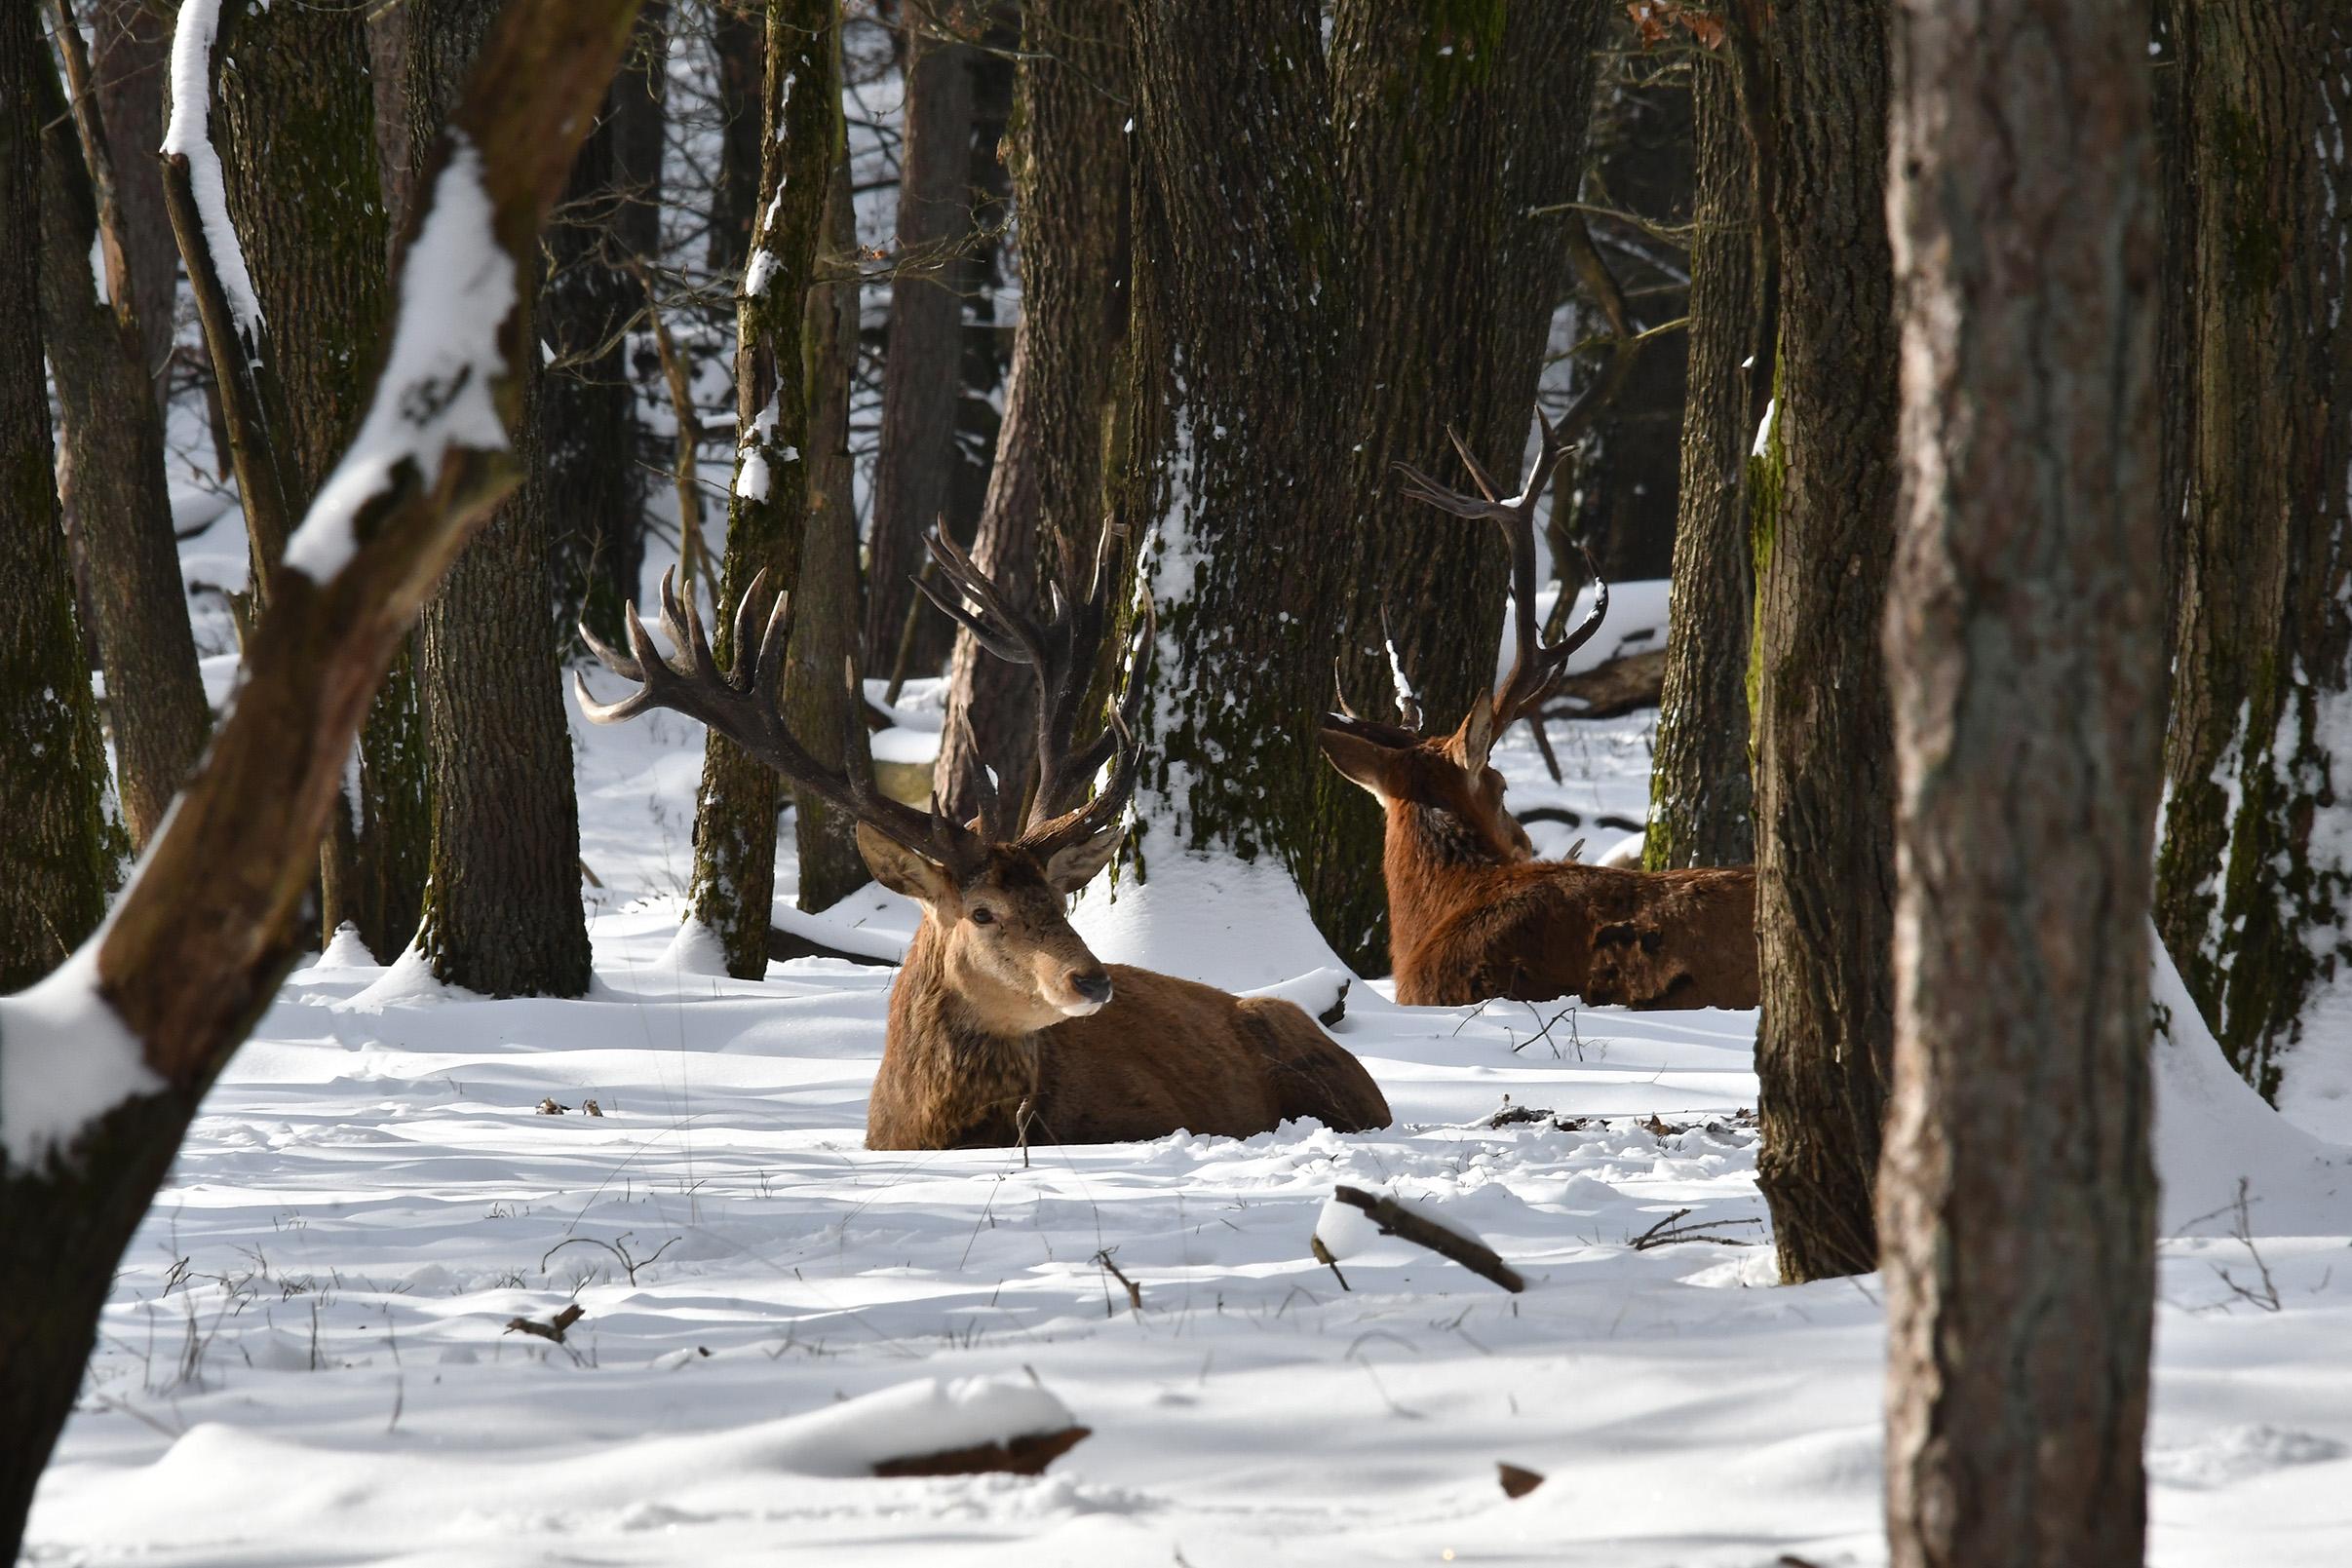 Heel even kijken ze allebei op, maar gaan daarna weer rustig verder met herkauwen - Foto: ©Louis Fraanje